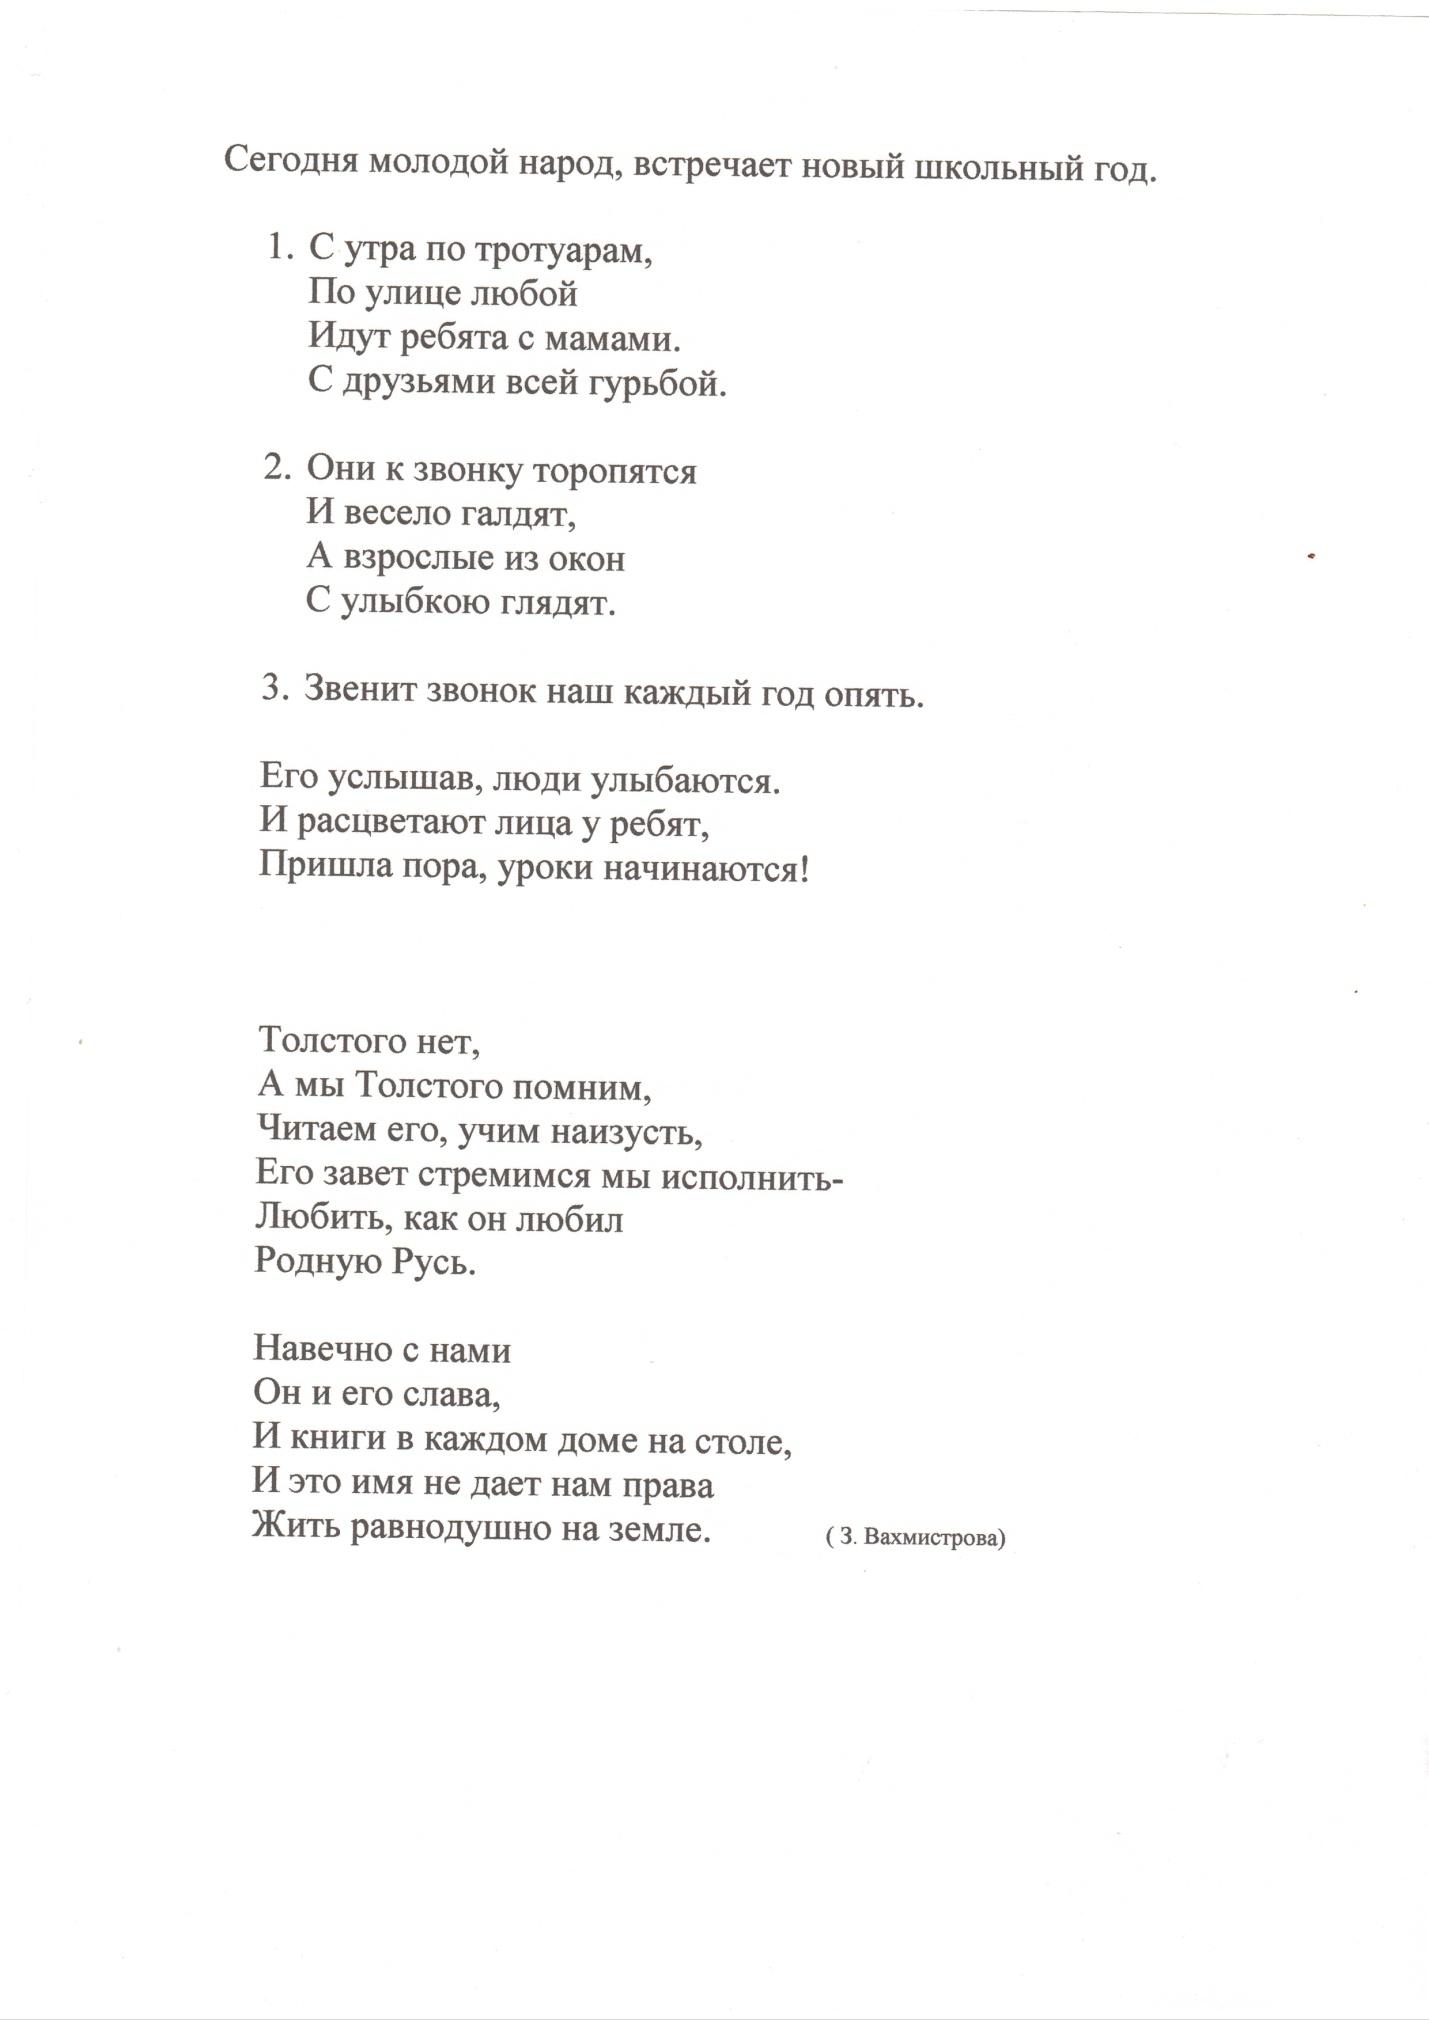 D:\Фото\ГОРОД МАСТЕРОВ-ТУЛА\020005.JPG